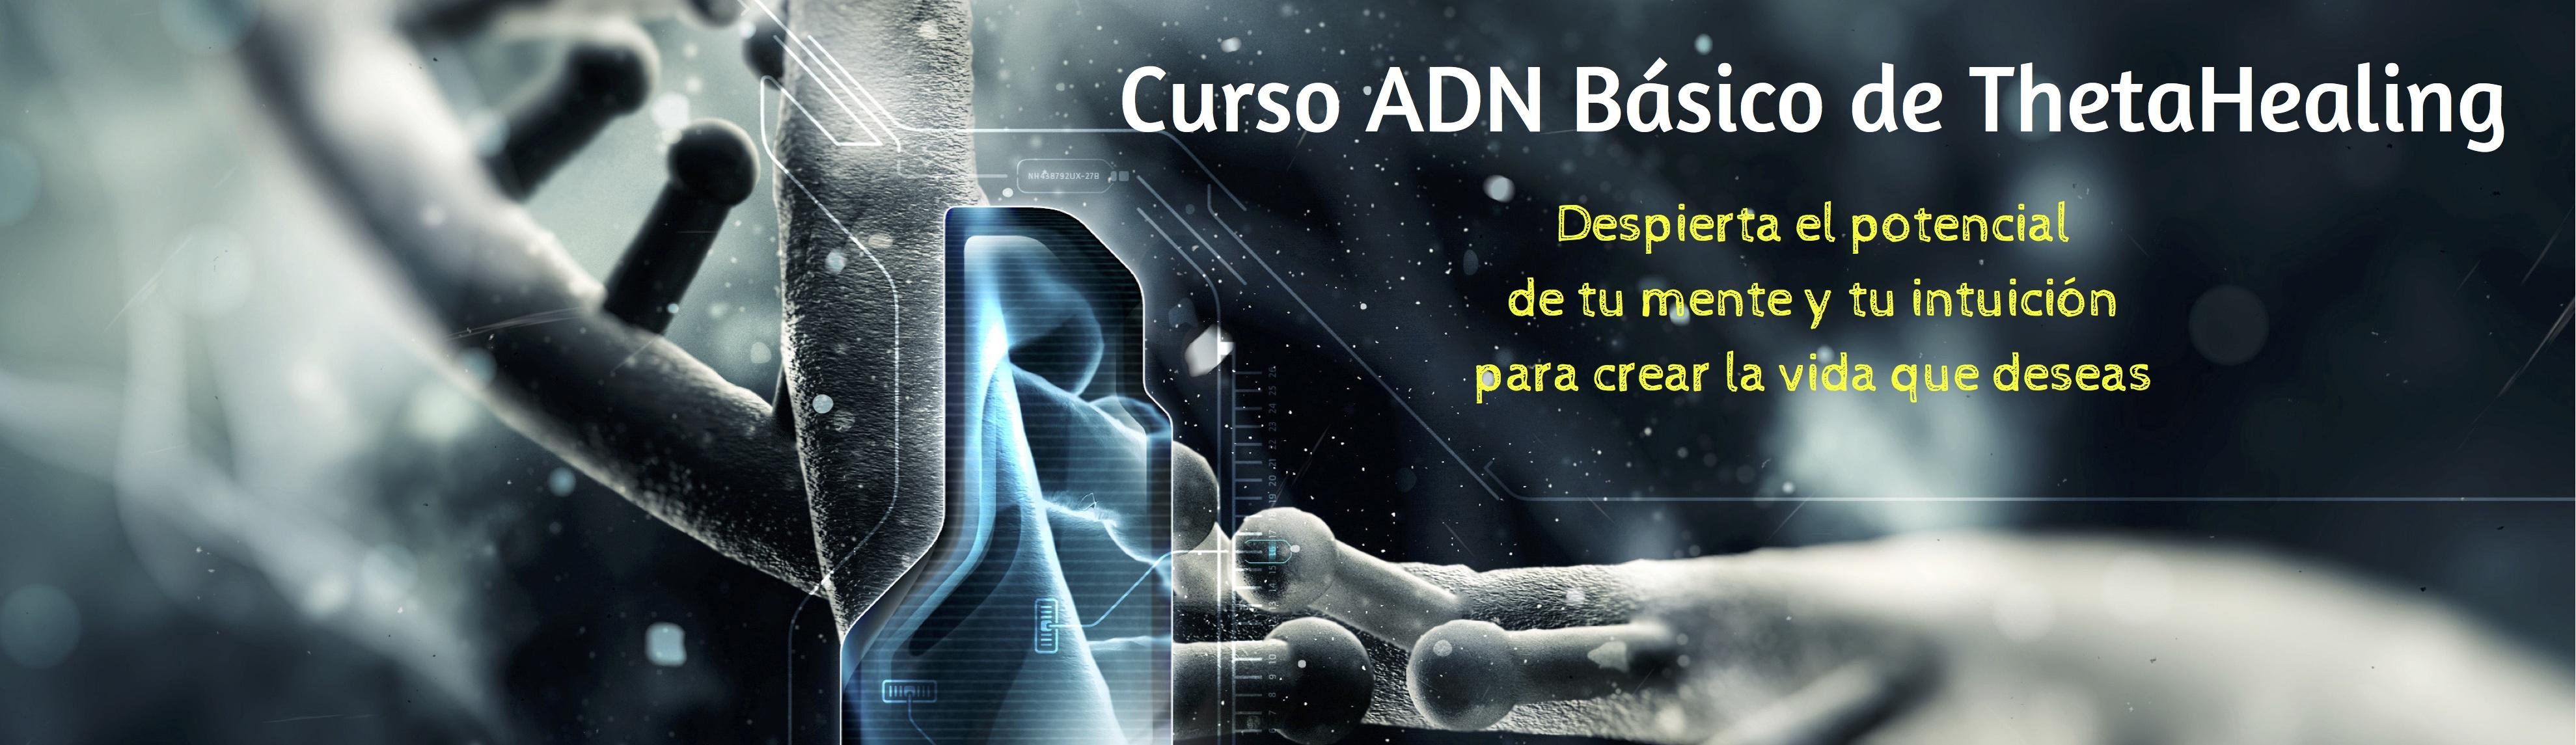 Banner-ADN-Básico-TH